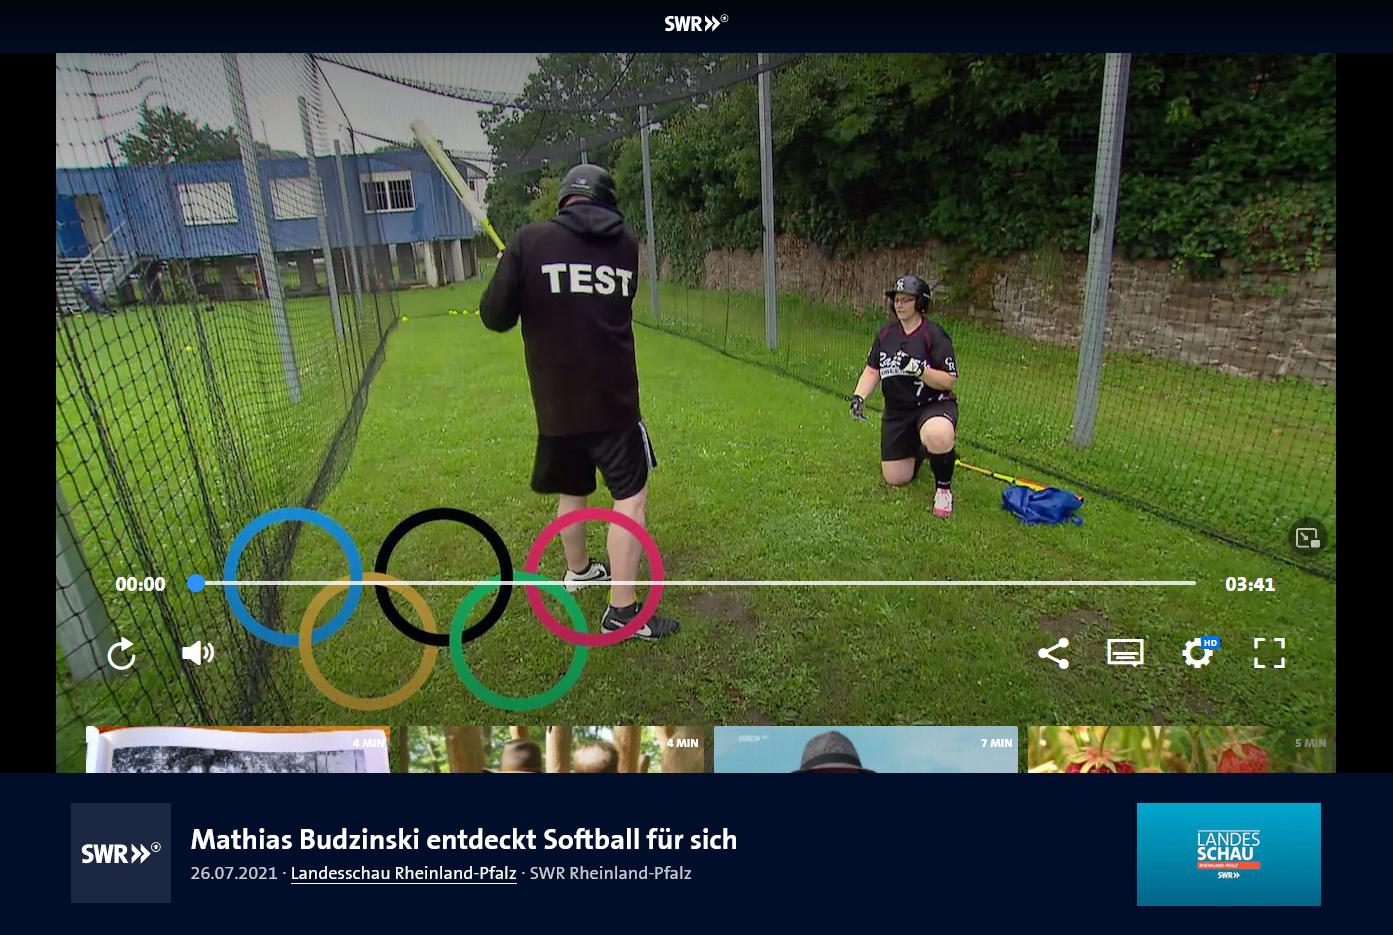 Mathias Budzinski (SWR Landesschau Rheinland-Pfalz) entdeckt Softball für sich - Ein Training bei den Raptors